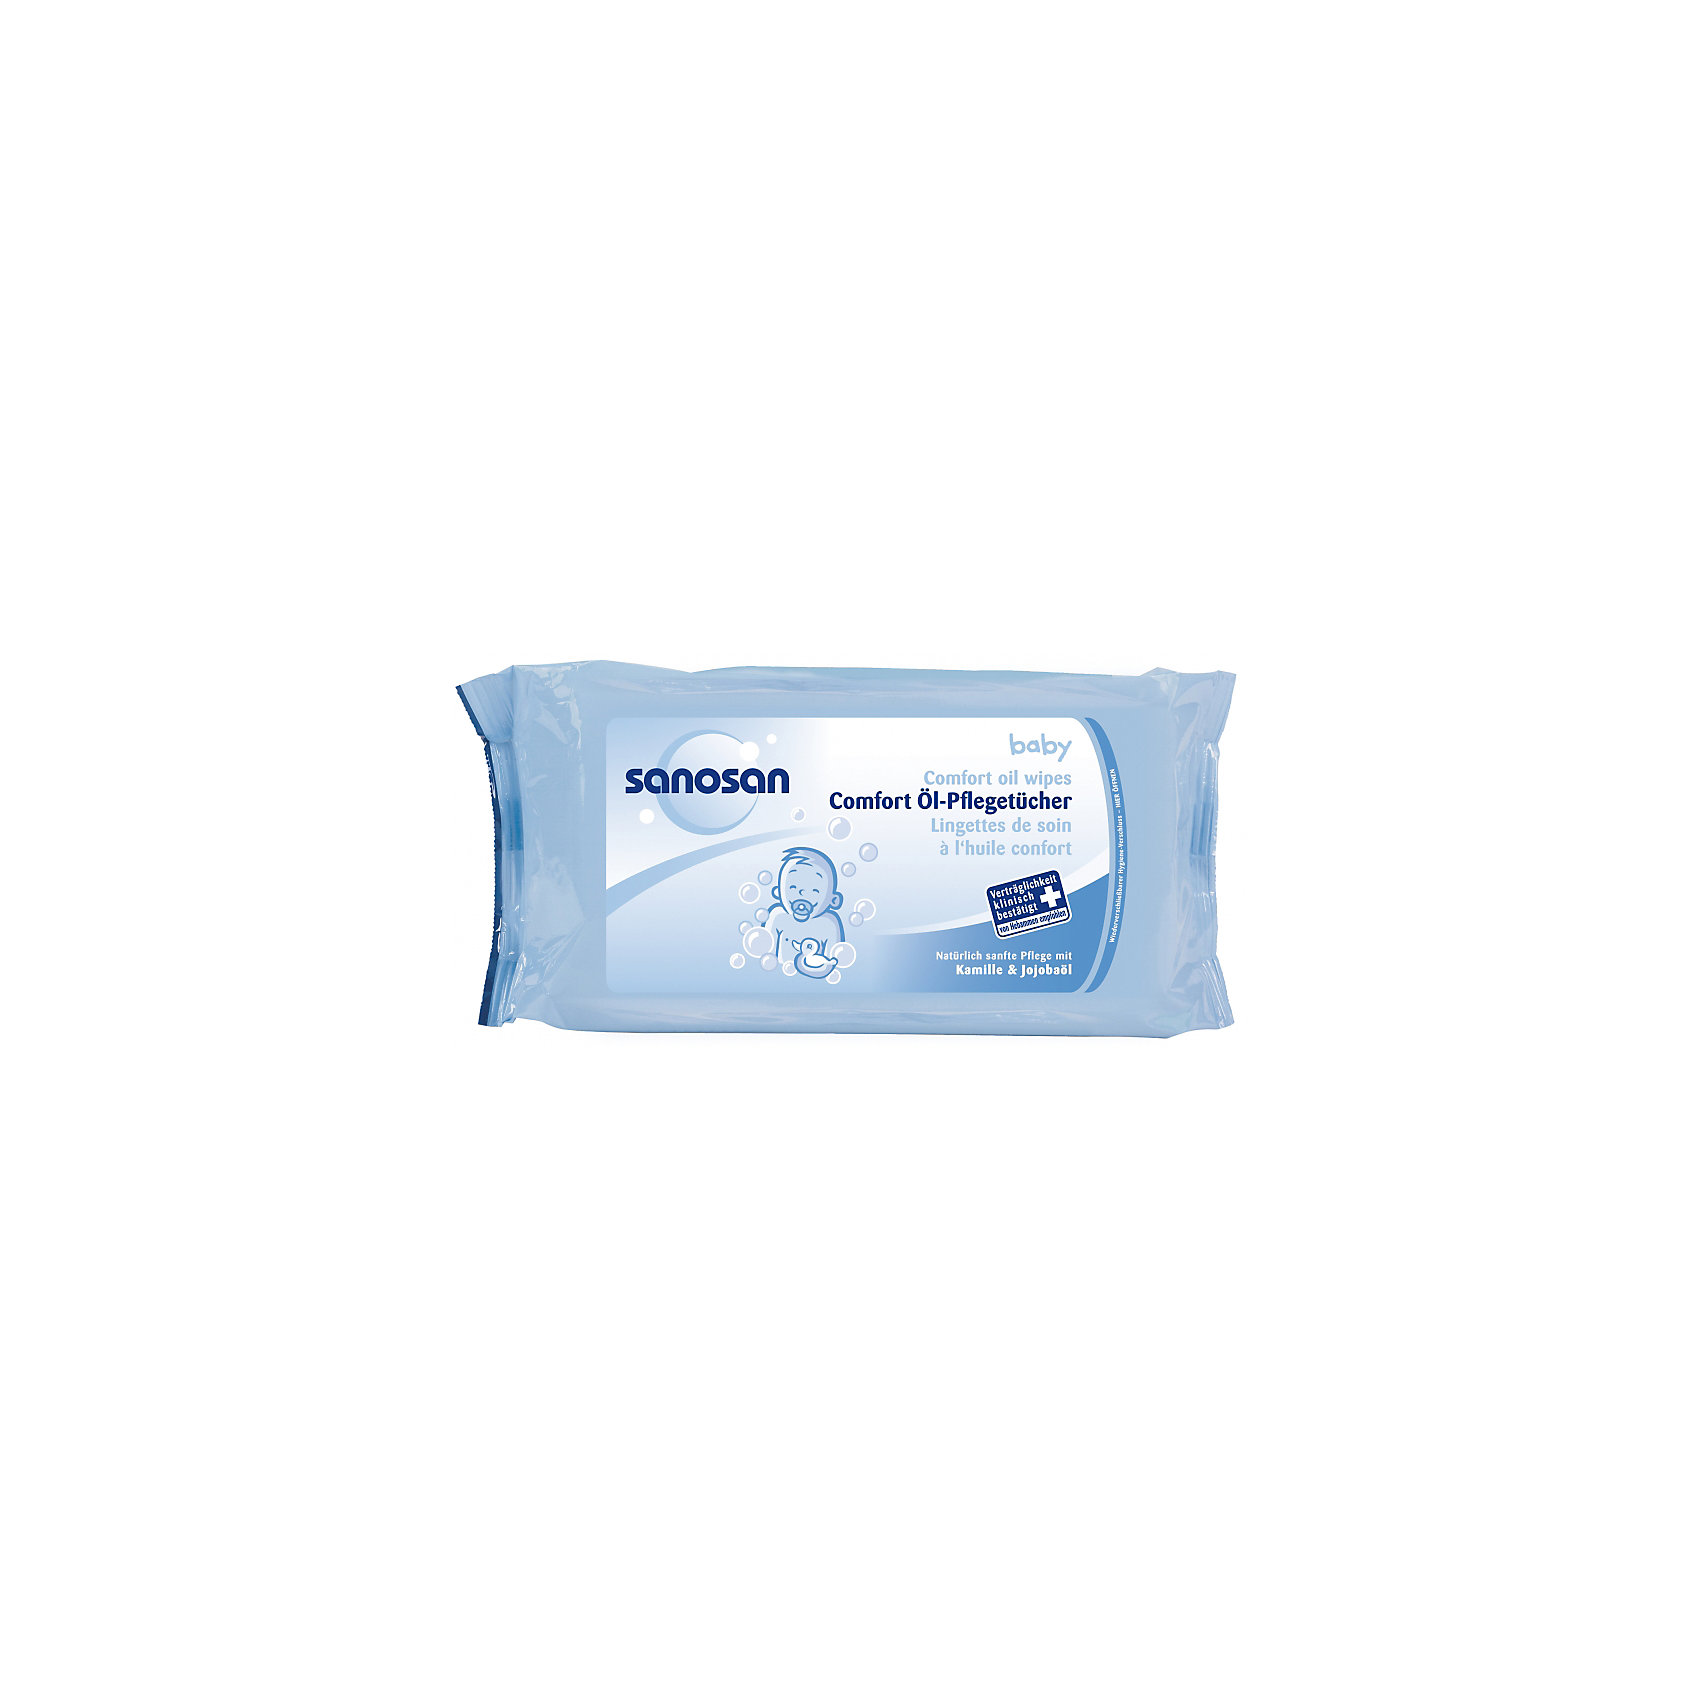 Салфетки с маслянной пропиткой Комфорт, Sanosan, 80 шт (-)